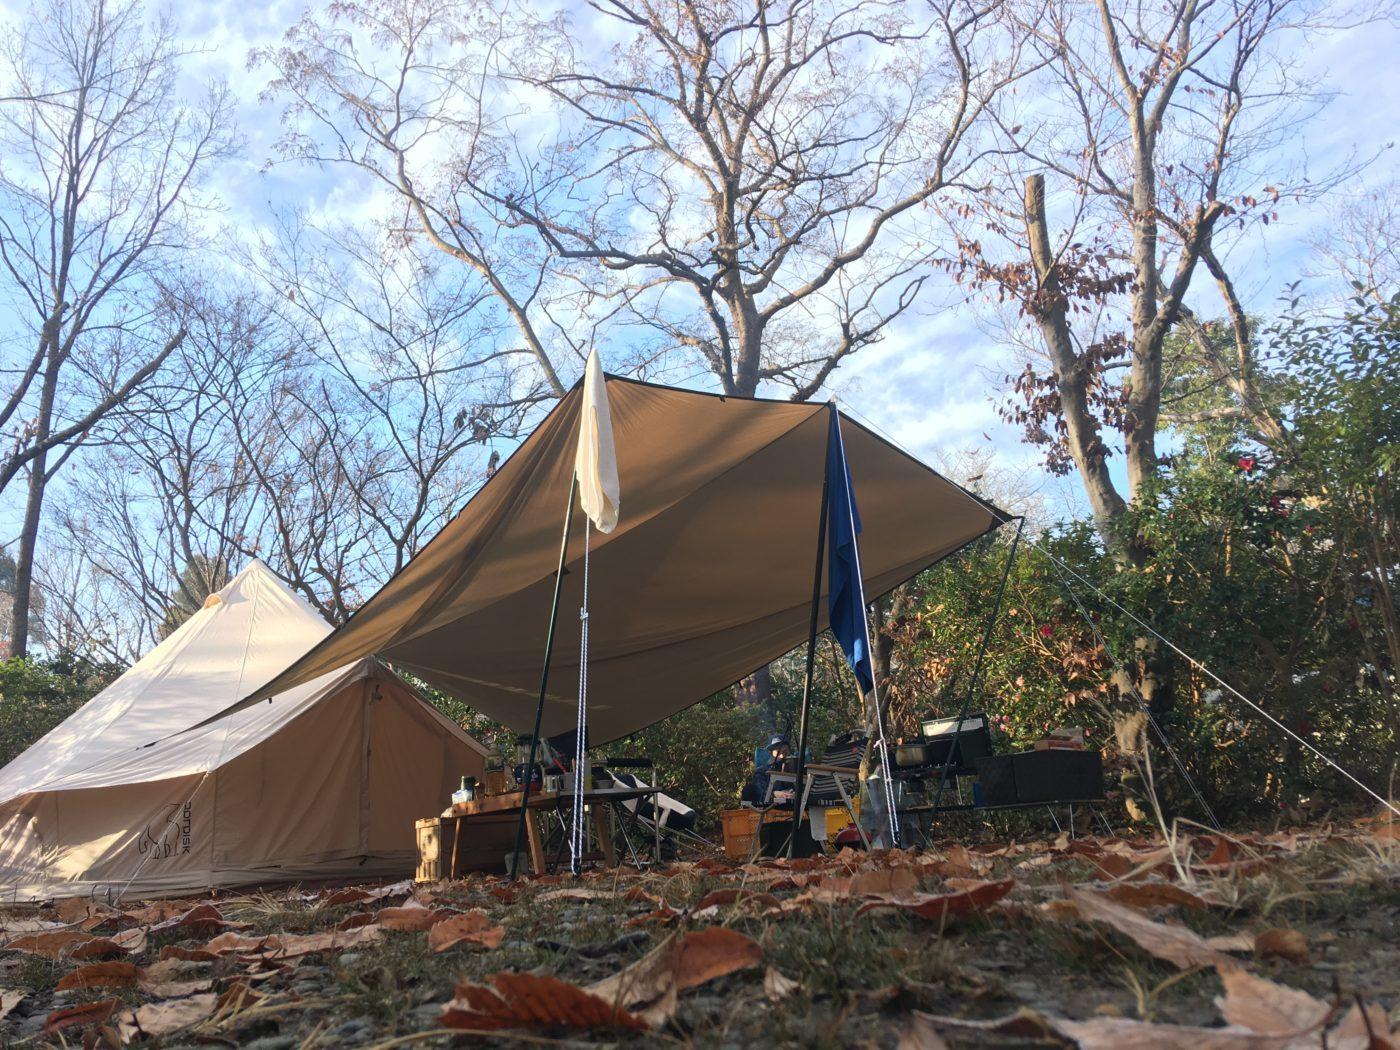 秋冬キャンプは床冷えも大敵なのでマット選びがより重要になってきます。